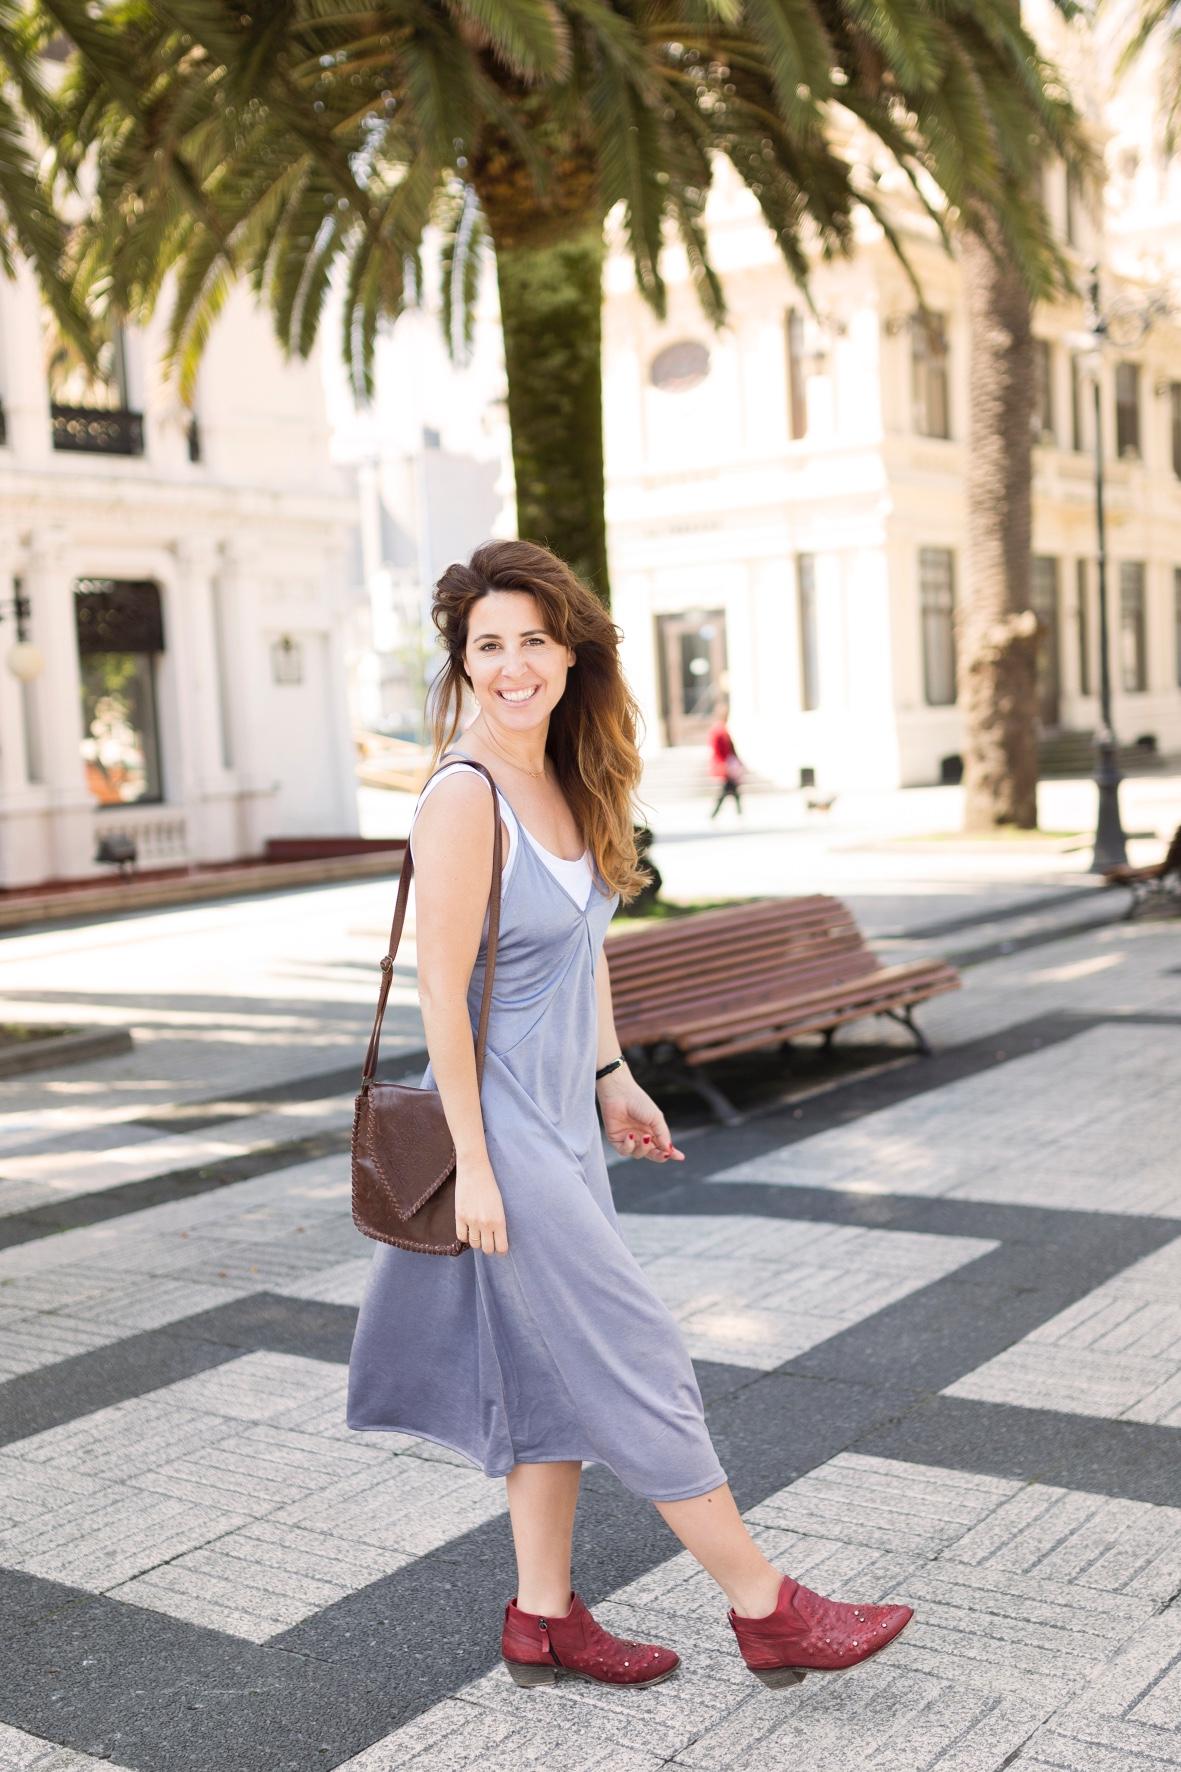 vestido-botines- zara - streetstyle-moda -urban outfitters-- bag-calle-coruña-dress-style-ootd-descalzaporelparque